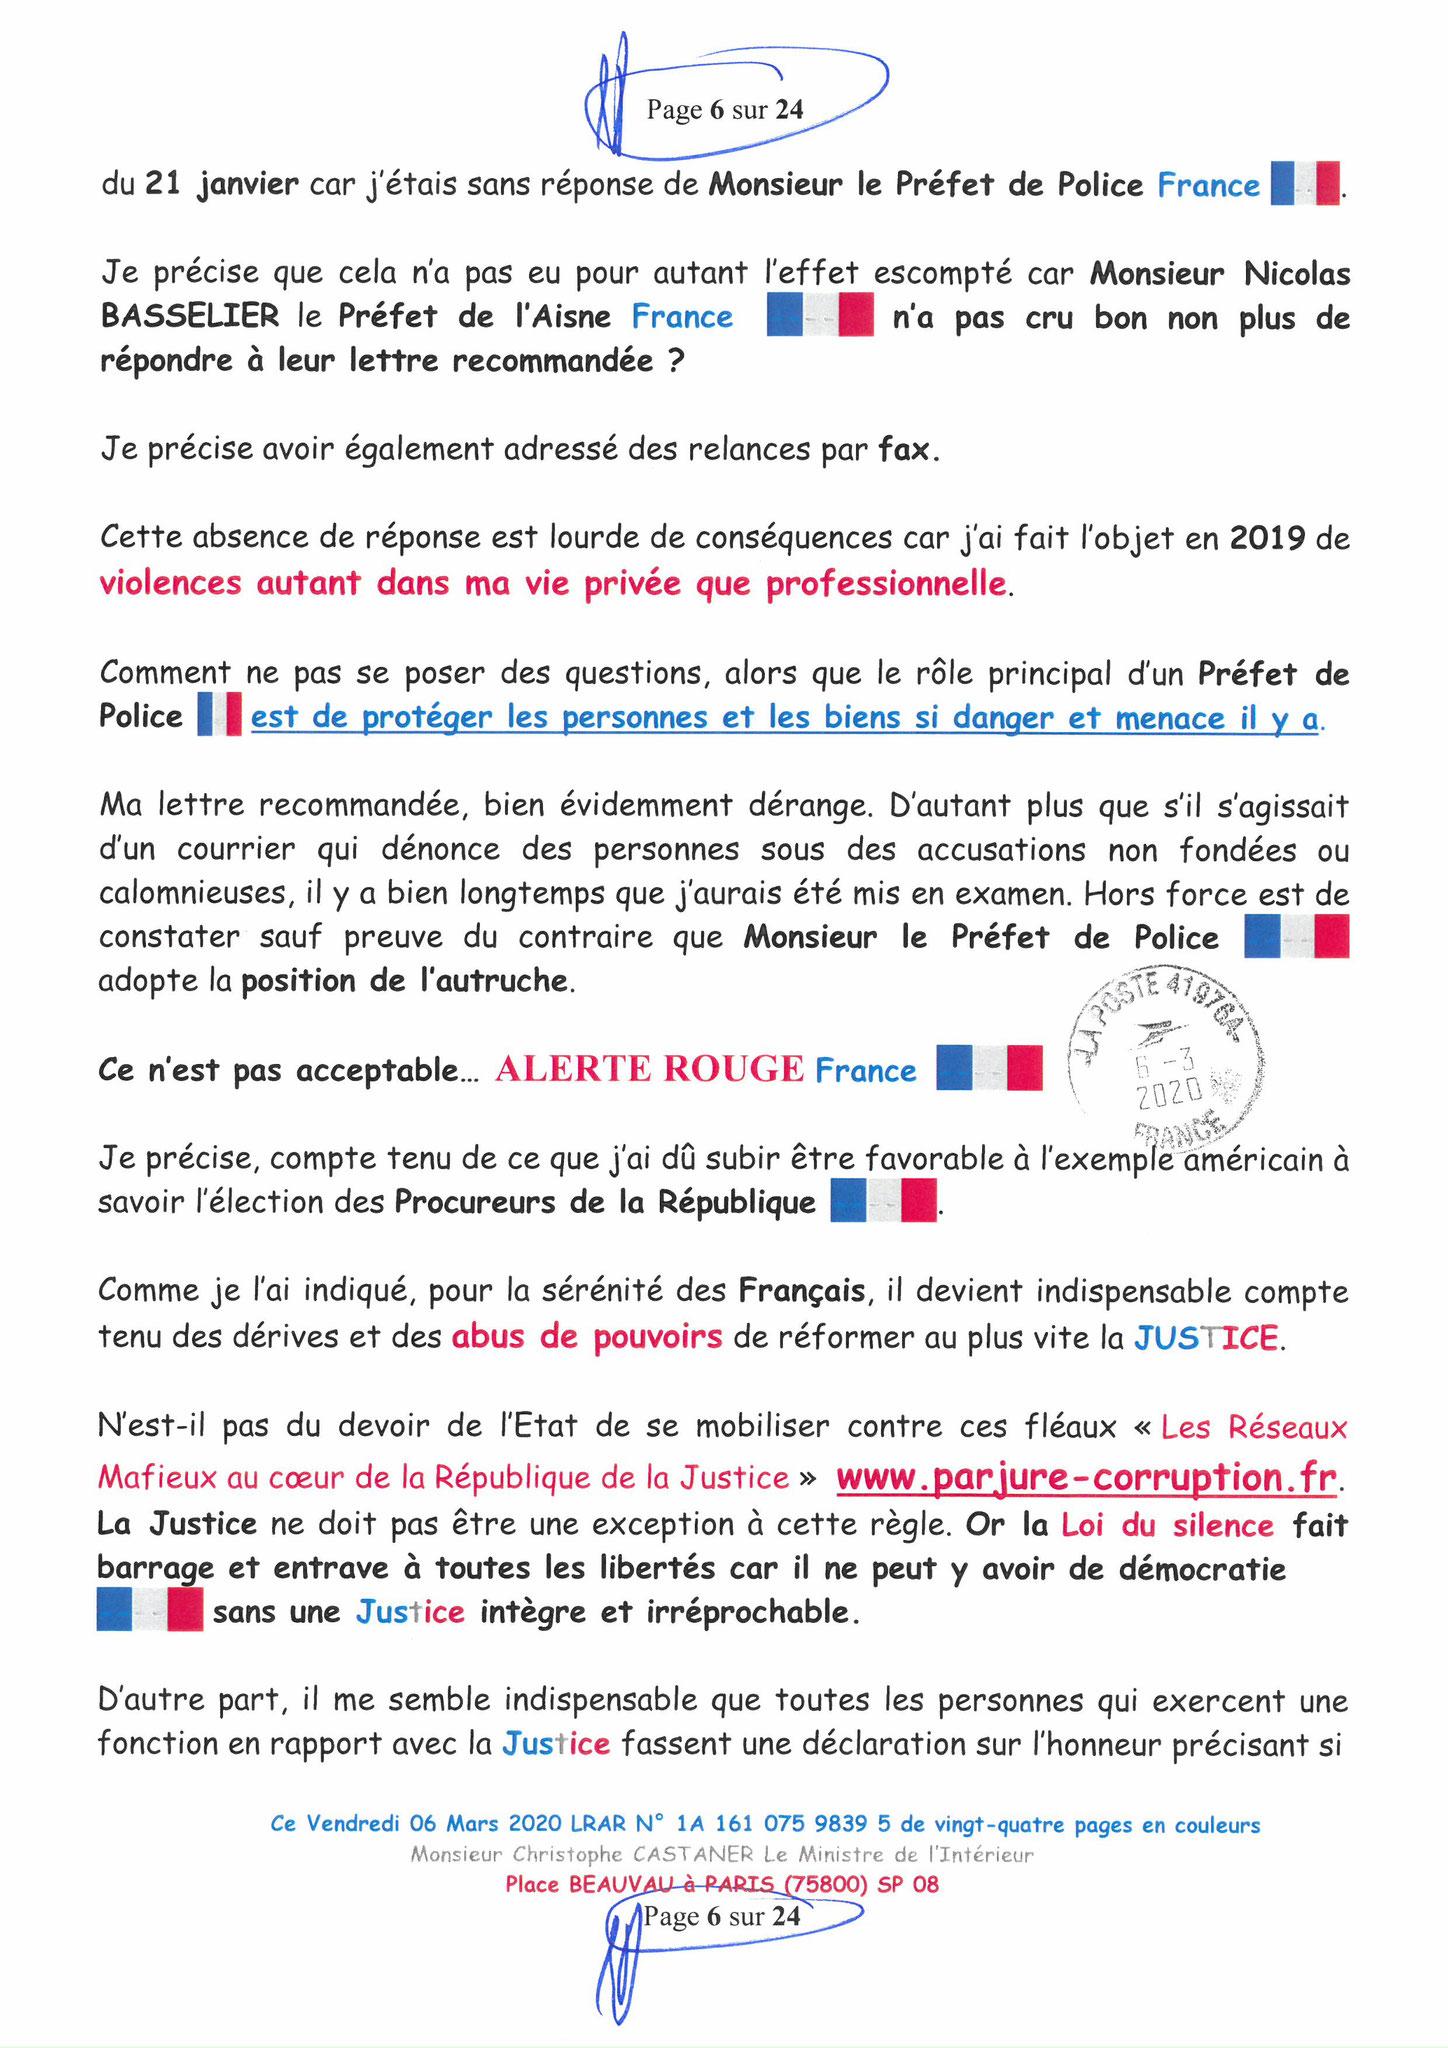 Ma LRAR à Monsieur le Ministre de l'Intérieur Christophe CASTANER N°1A 161 075 9839 5  Page 6 sur 24 en couleur du 06 Mars 2020  www.jesuispatrick.fr